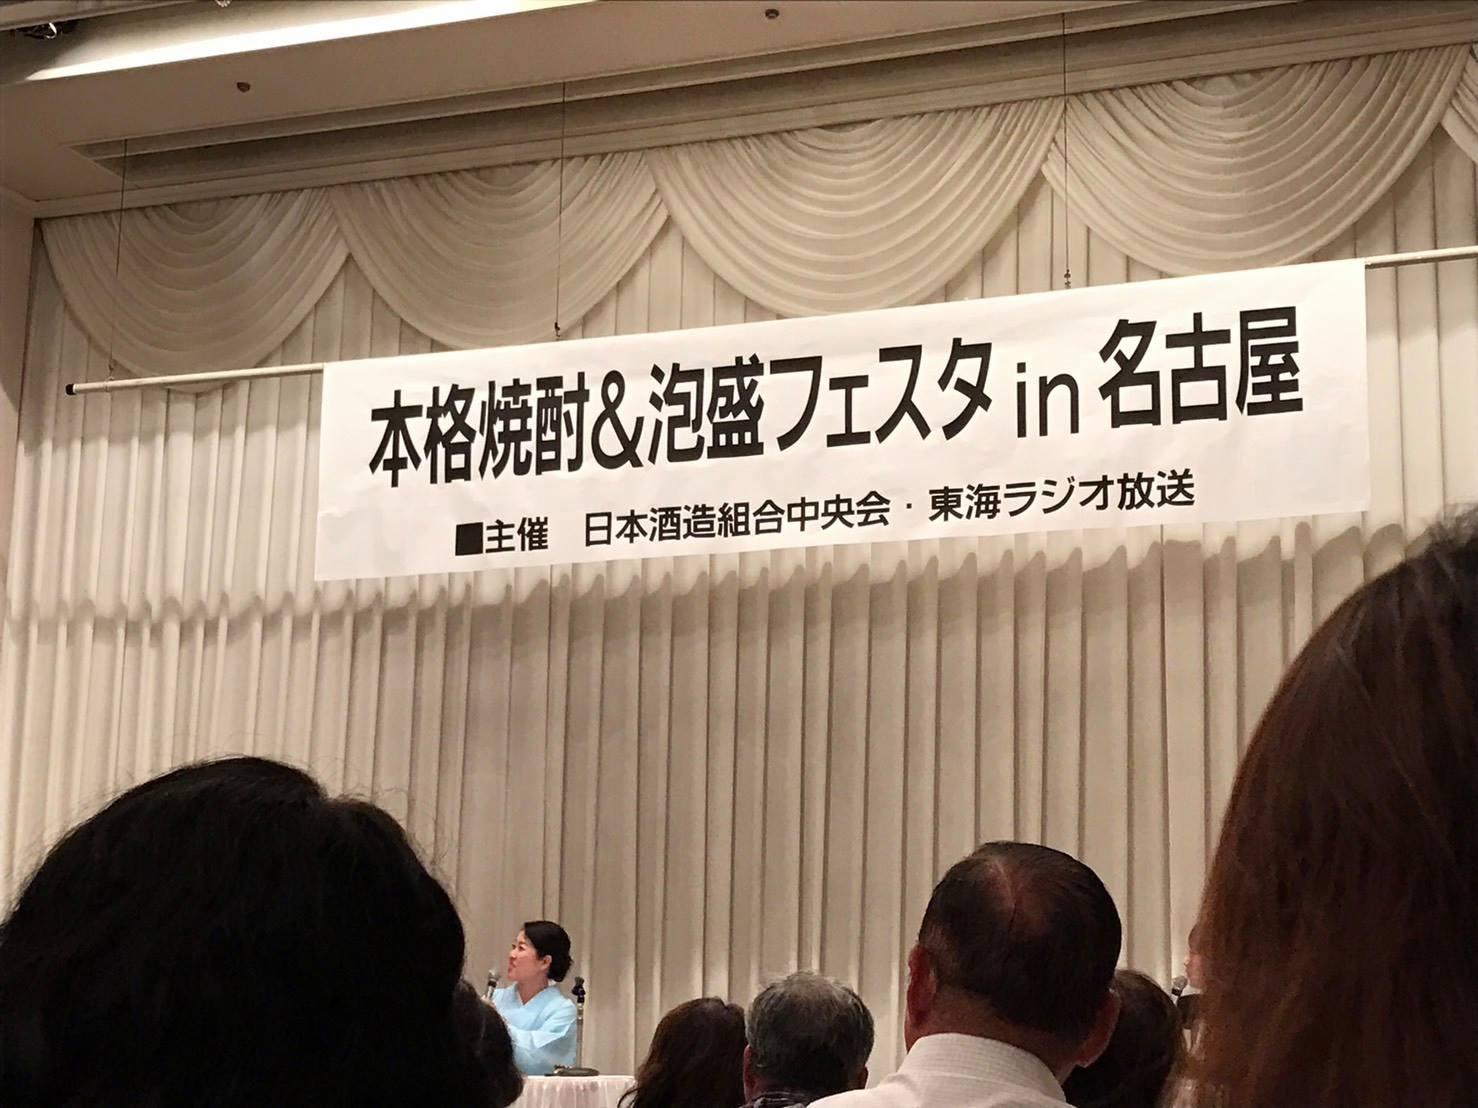 お酒好きにはたまらない☆本格焼酎&泡盛が100種類楽しめるイベント!!